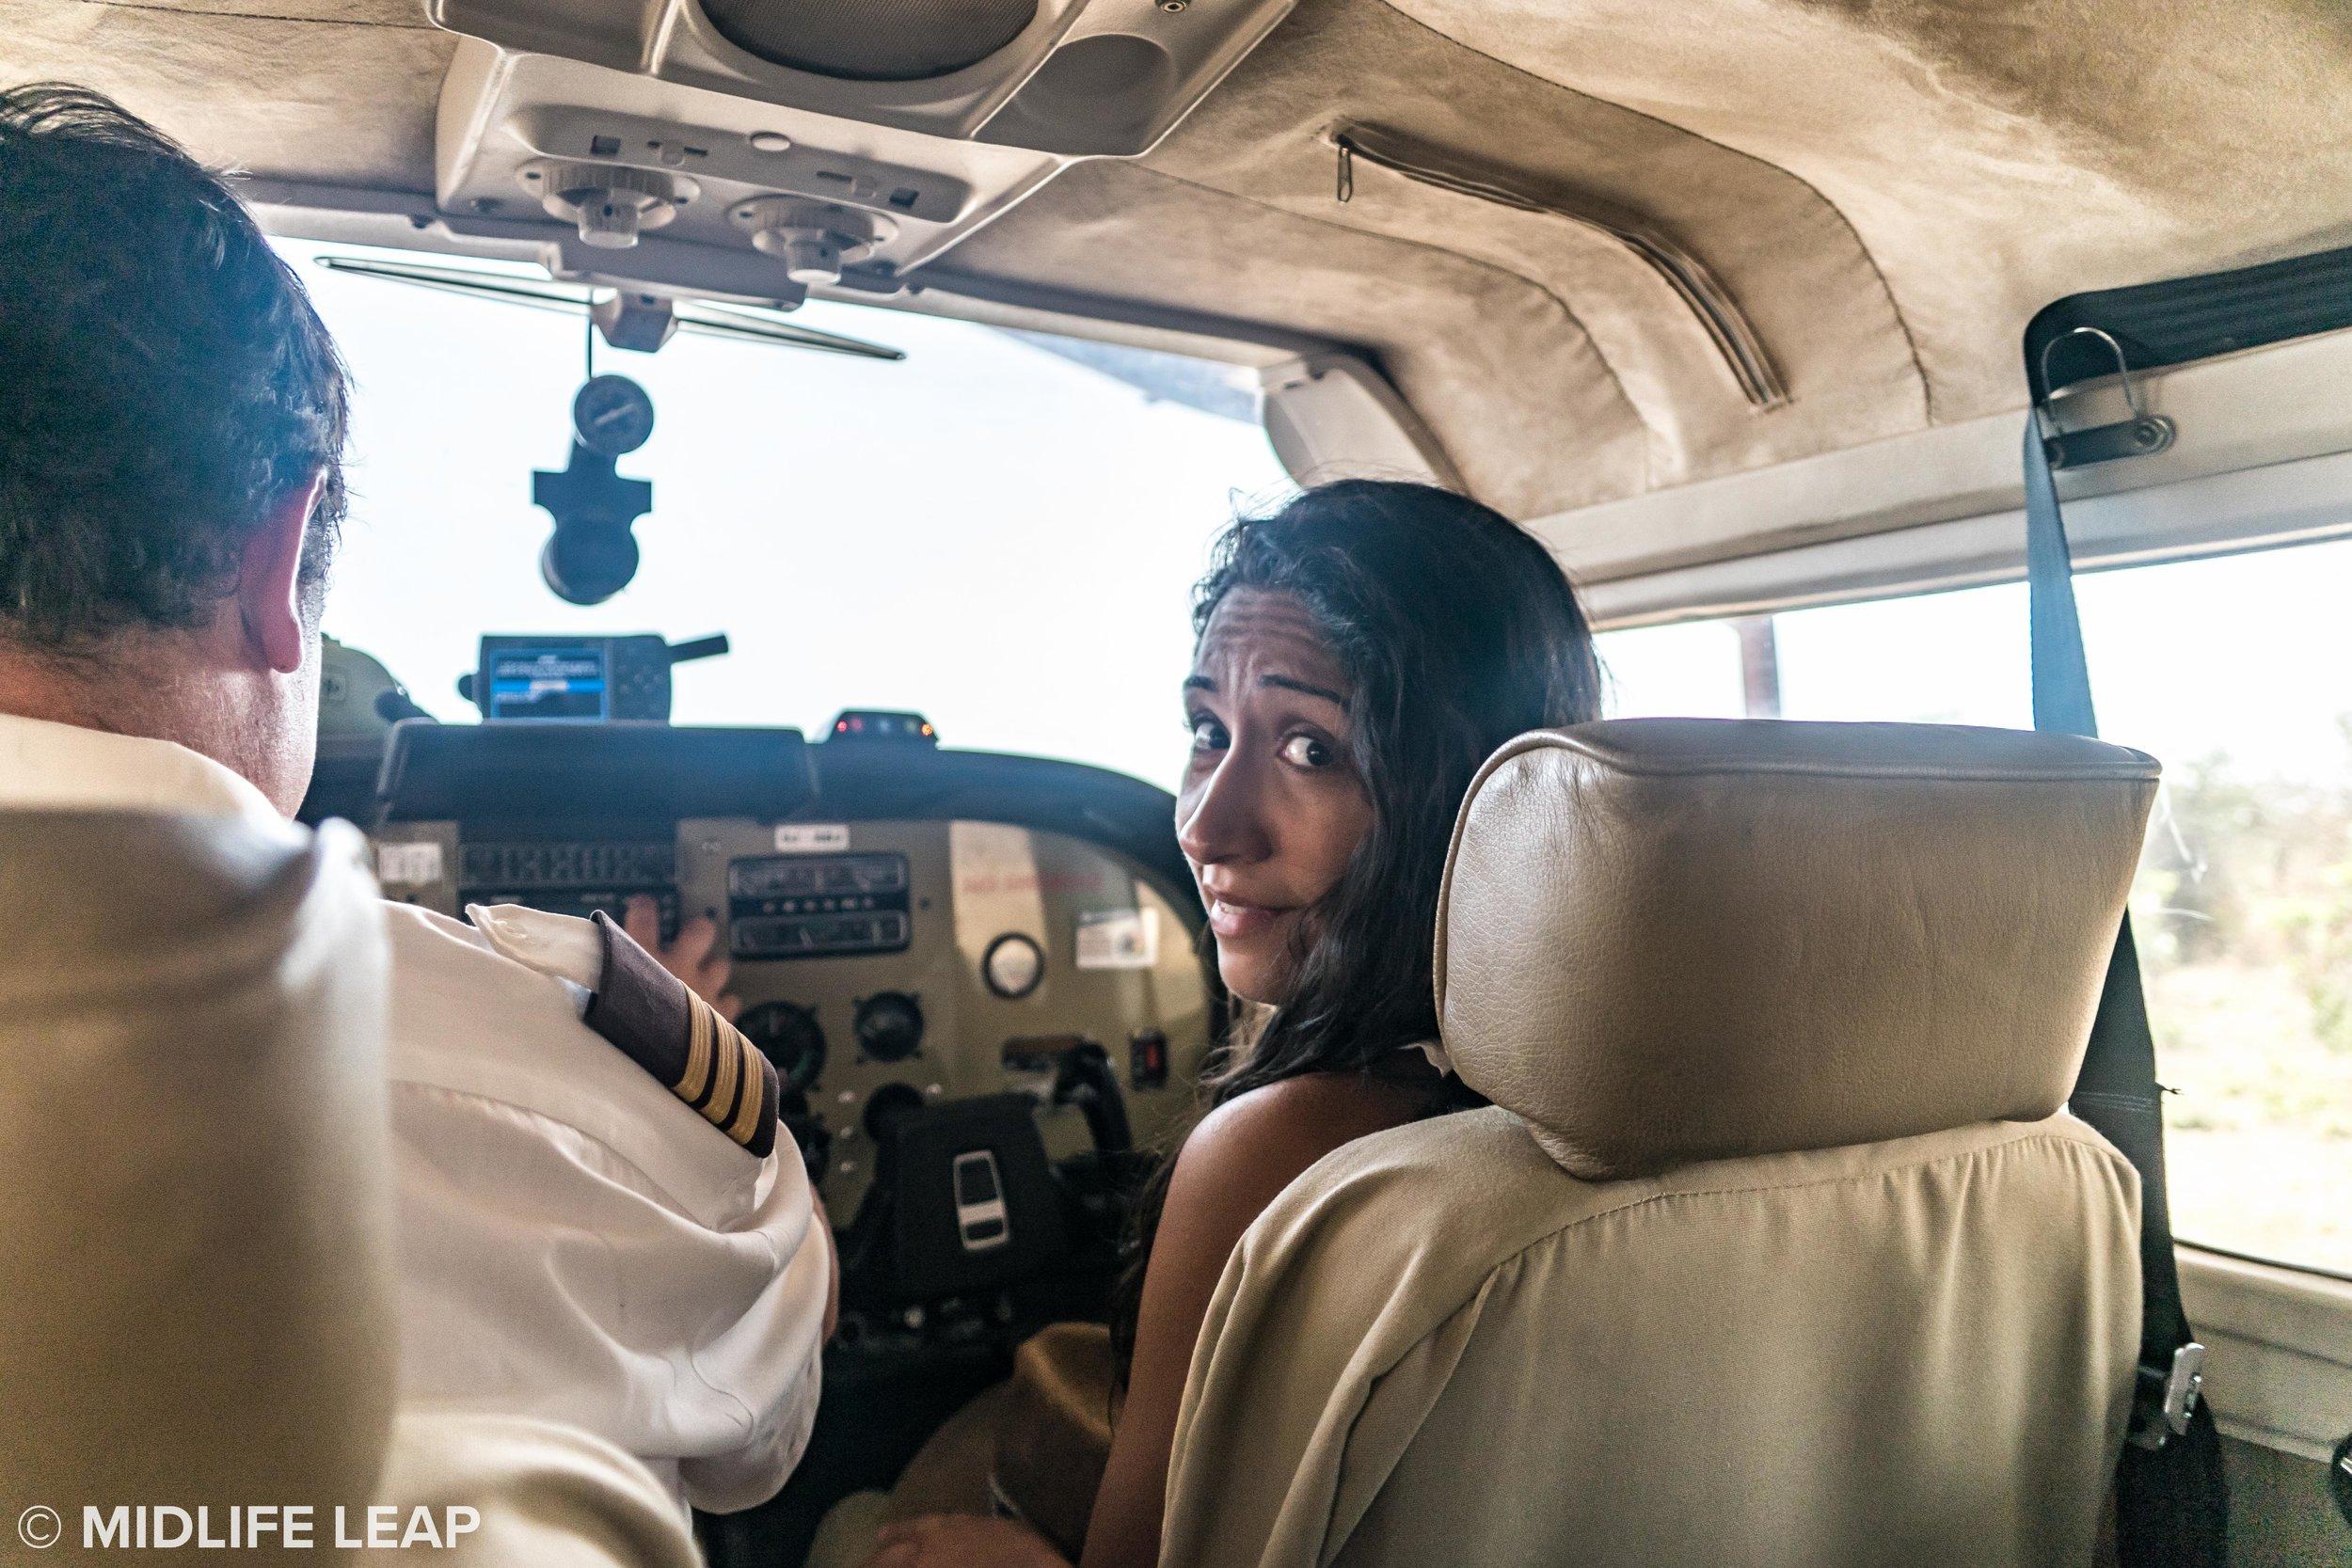 A confident co-pilot